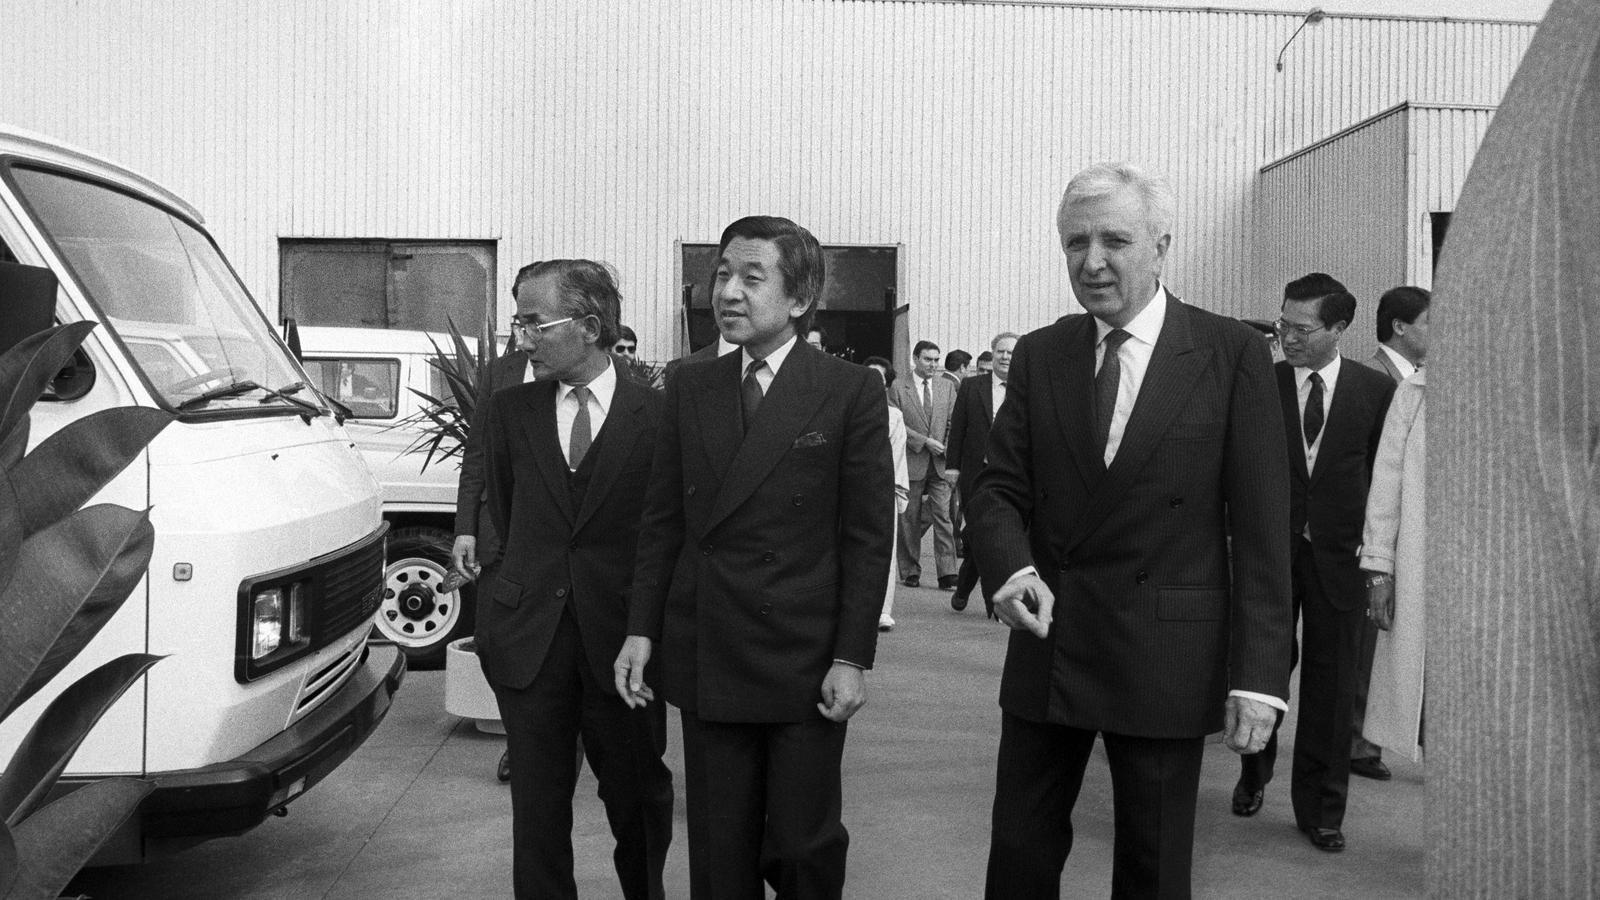 Un segle a Catalunya entre Ford,  tractors i la marca japonesa Nissan posa fi a un segle d'una indústria catalana